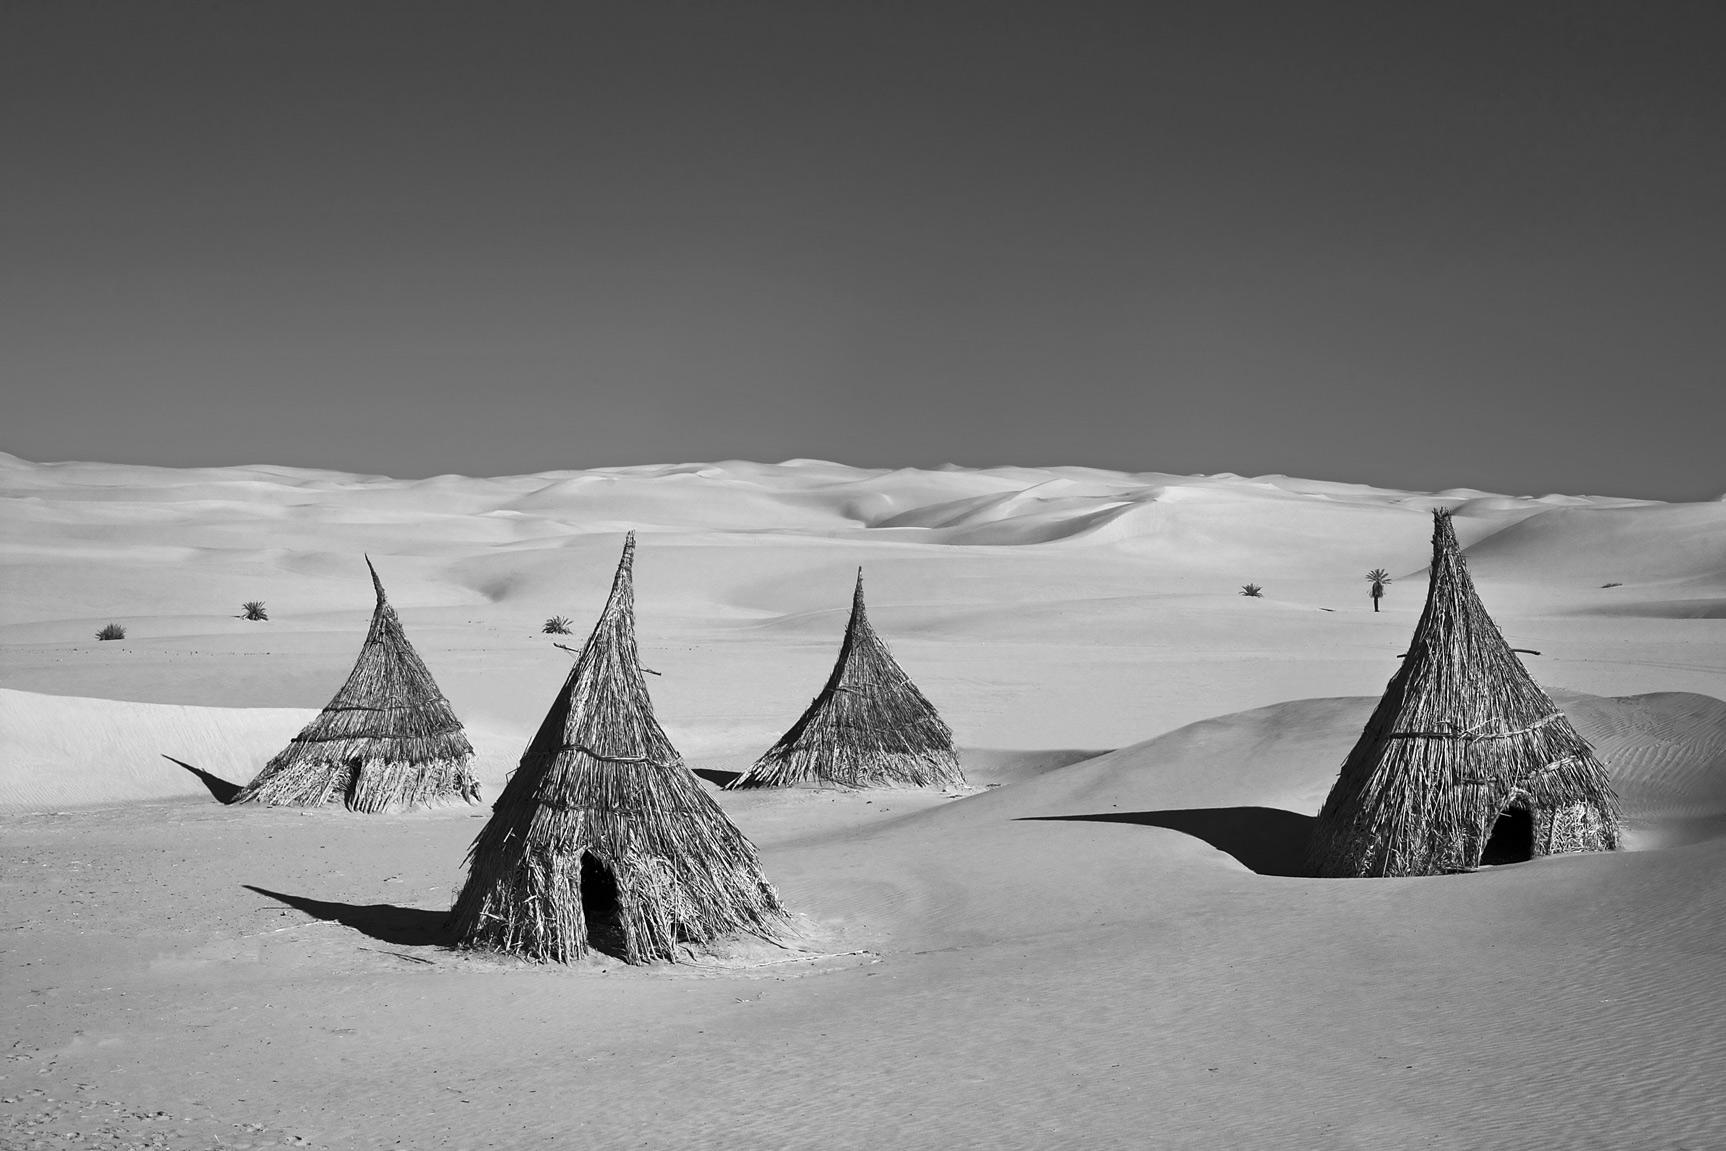 Sahara, Libya (010049)